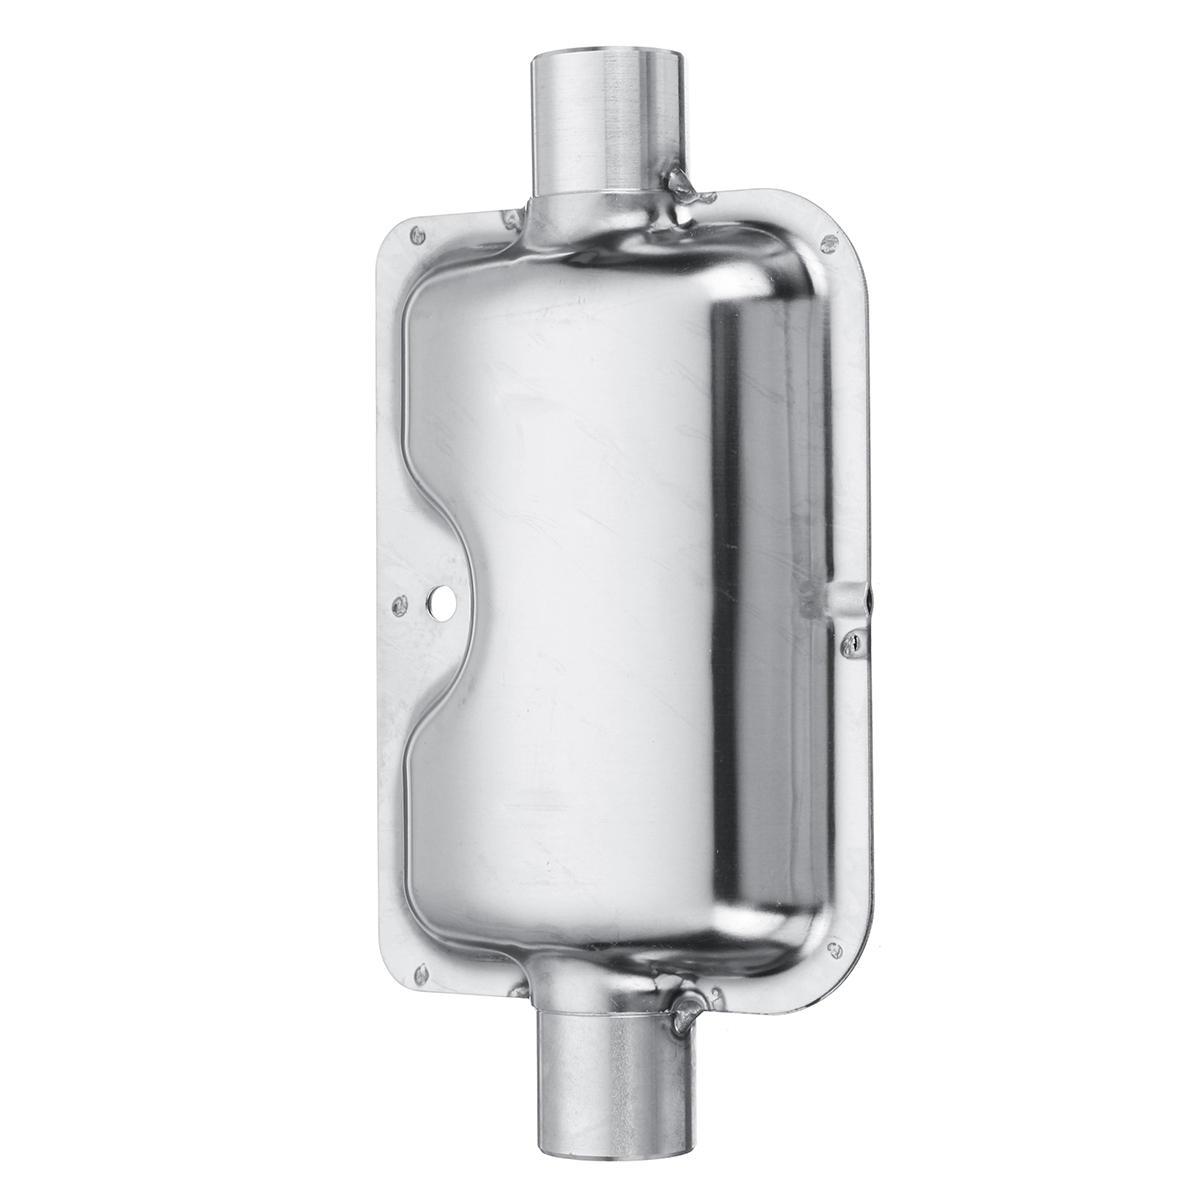 Abrazadera del silenciador de escape del silenciador del tubo de 24m m abrazadera para Ebespacher Diesel Calentador